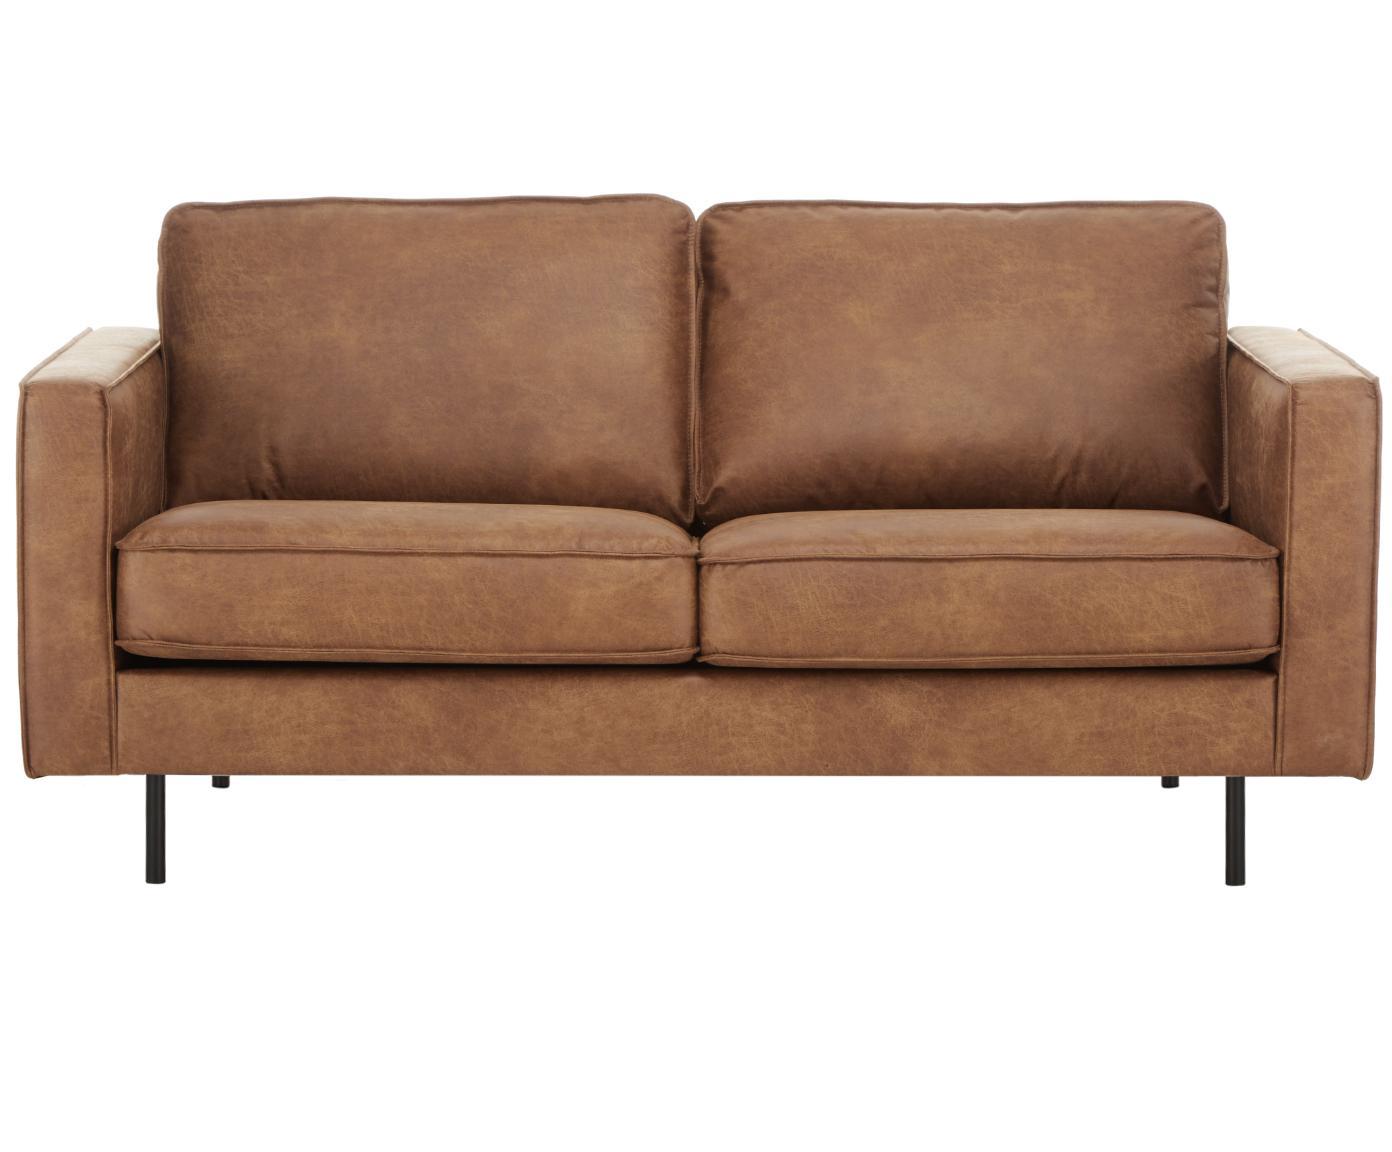 Leder-Sofa Hunter (2-Sitzer), Bezug: 70% recyceltes Leder, 30%, Gestell: Massives Birkenholz und h, Leder Braun, B 164 cm x T 90 cm